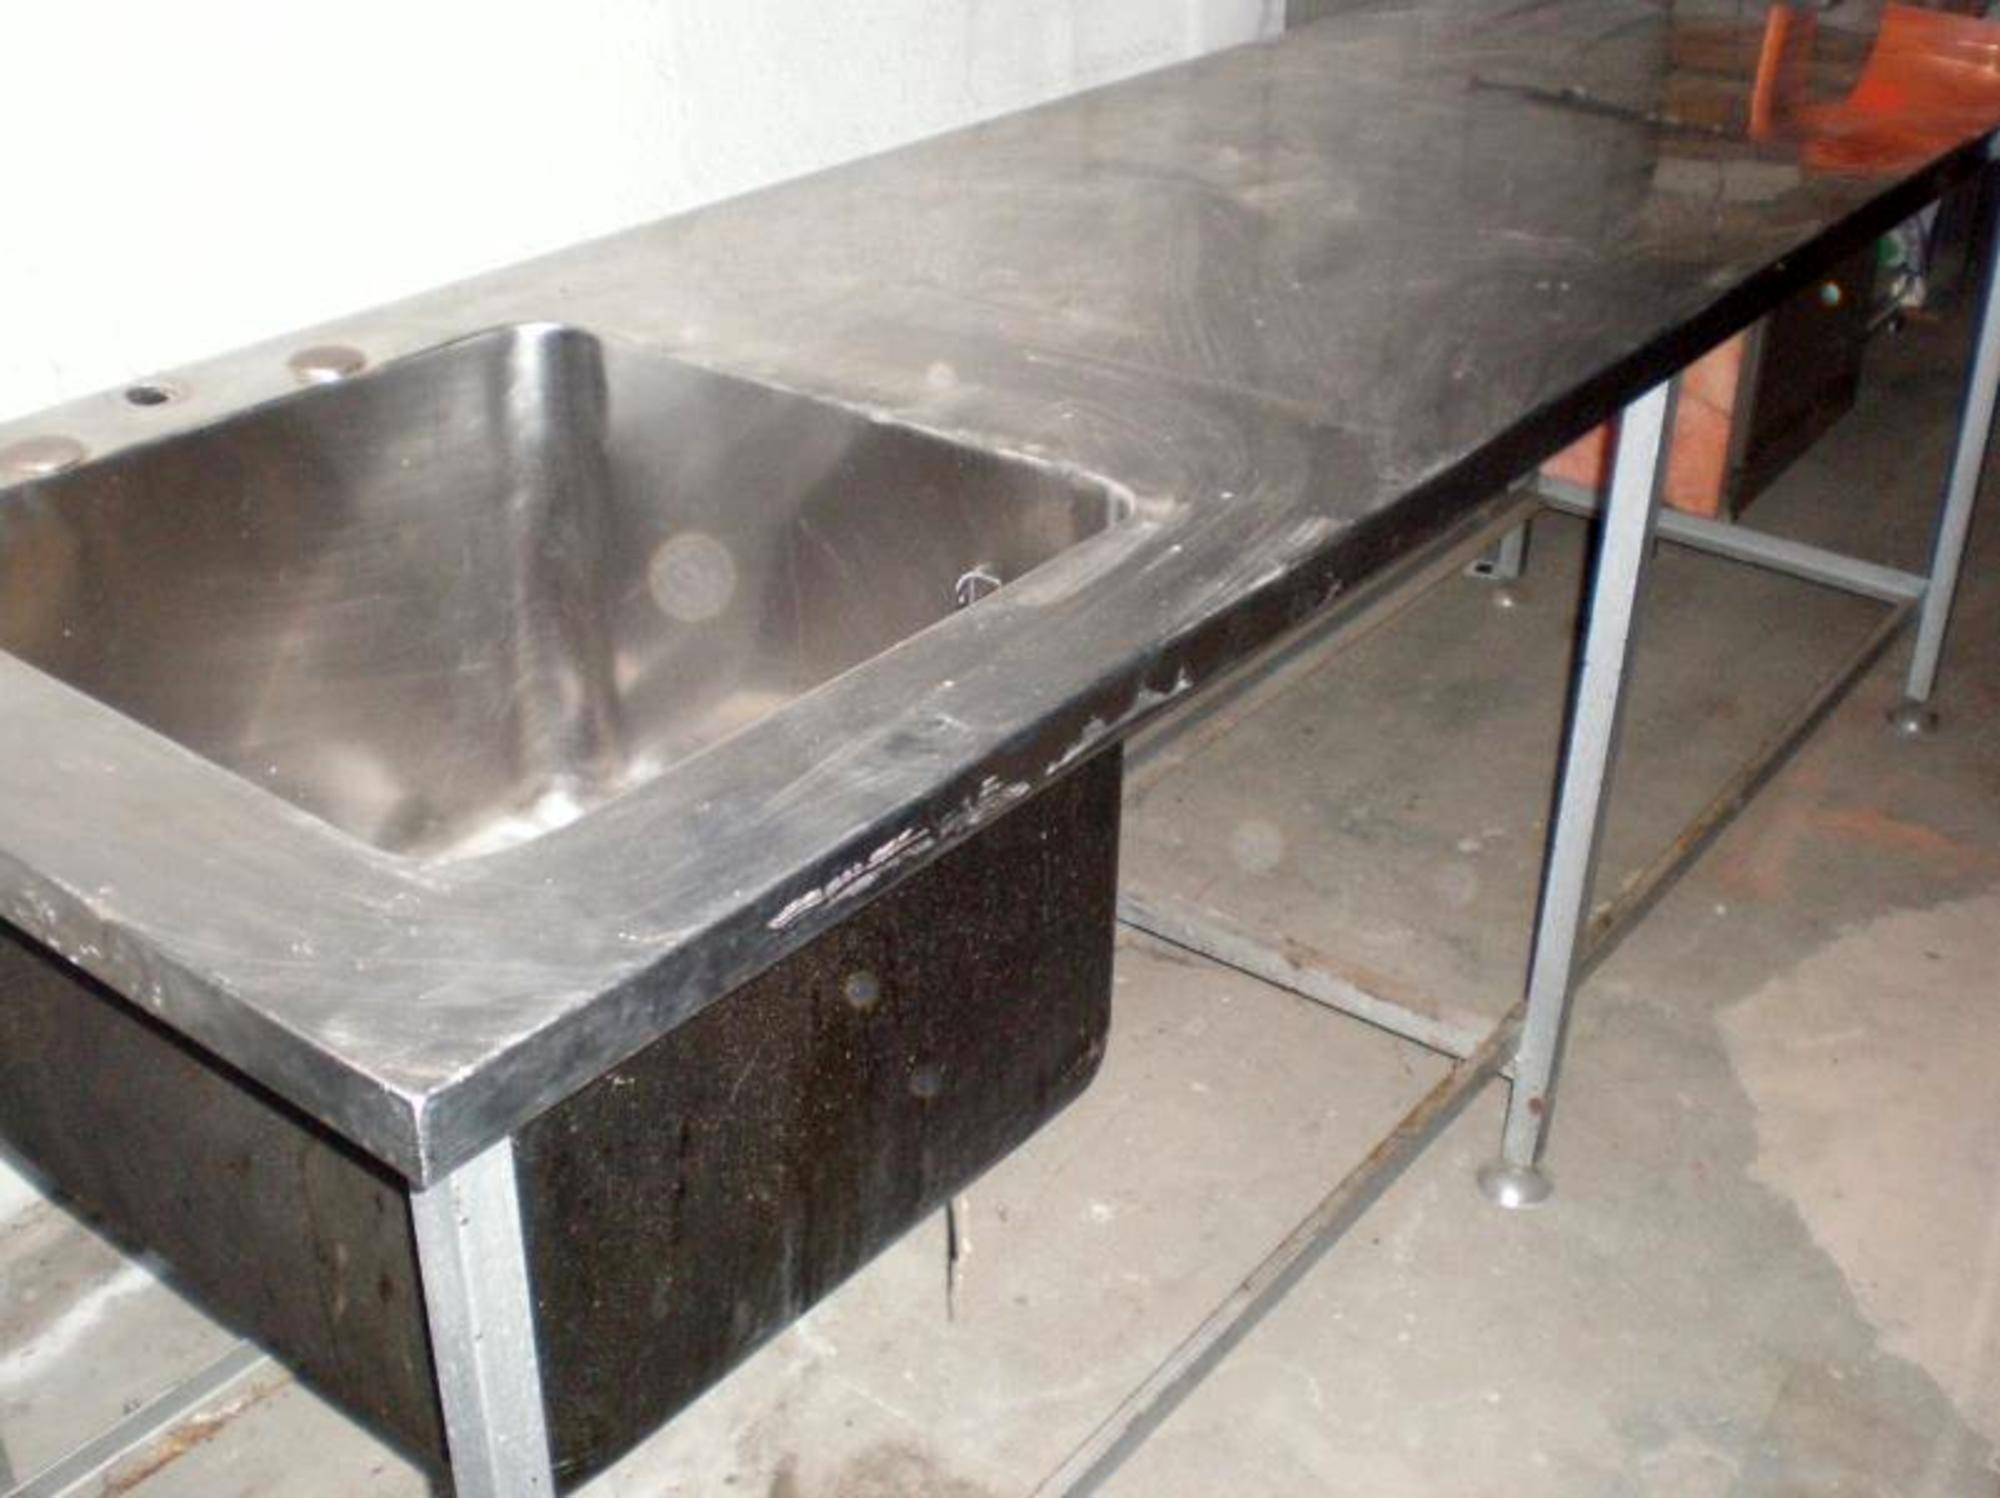 plan de travail inox table d 39 occasion aux ench res. Black Bedroom Furniture Sets. Home Design Ideas